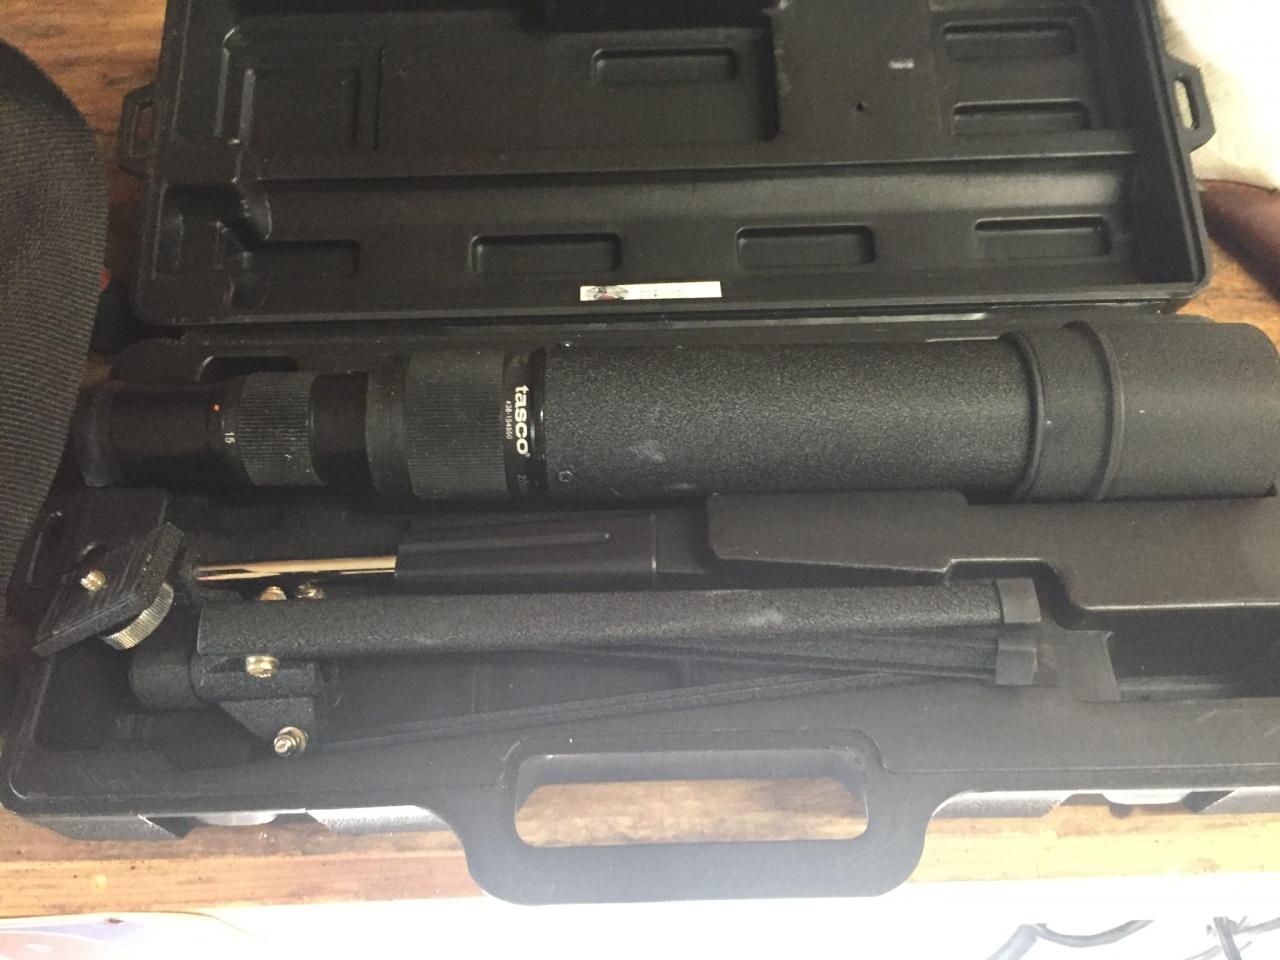 Tasco Sotting Scope and Shooting Bag-7d3f8945-4680-46a0-be50-e5bdb2324d88-jpg